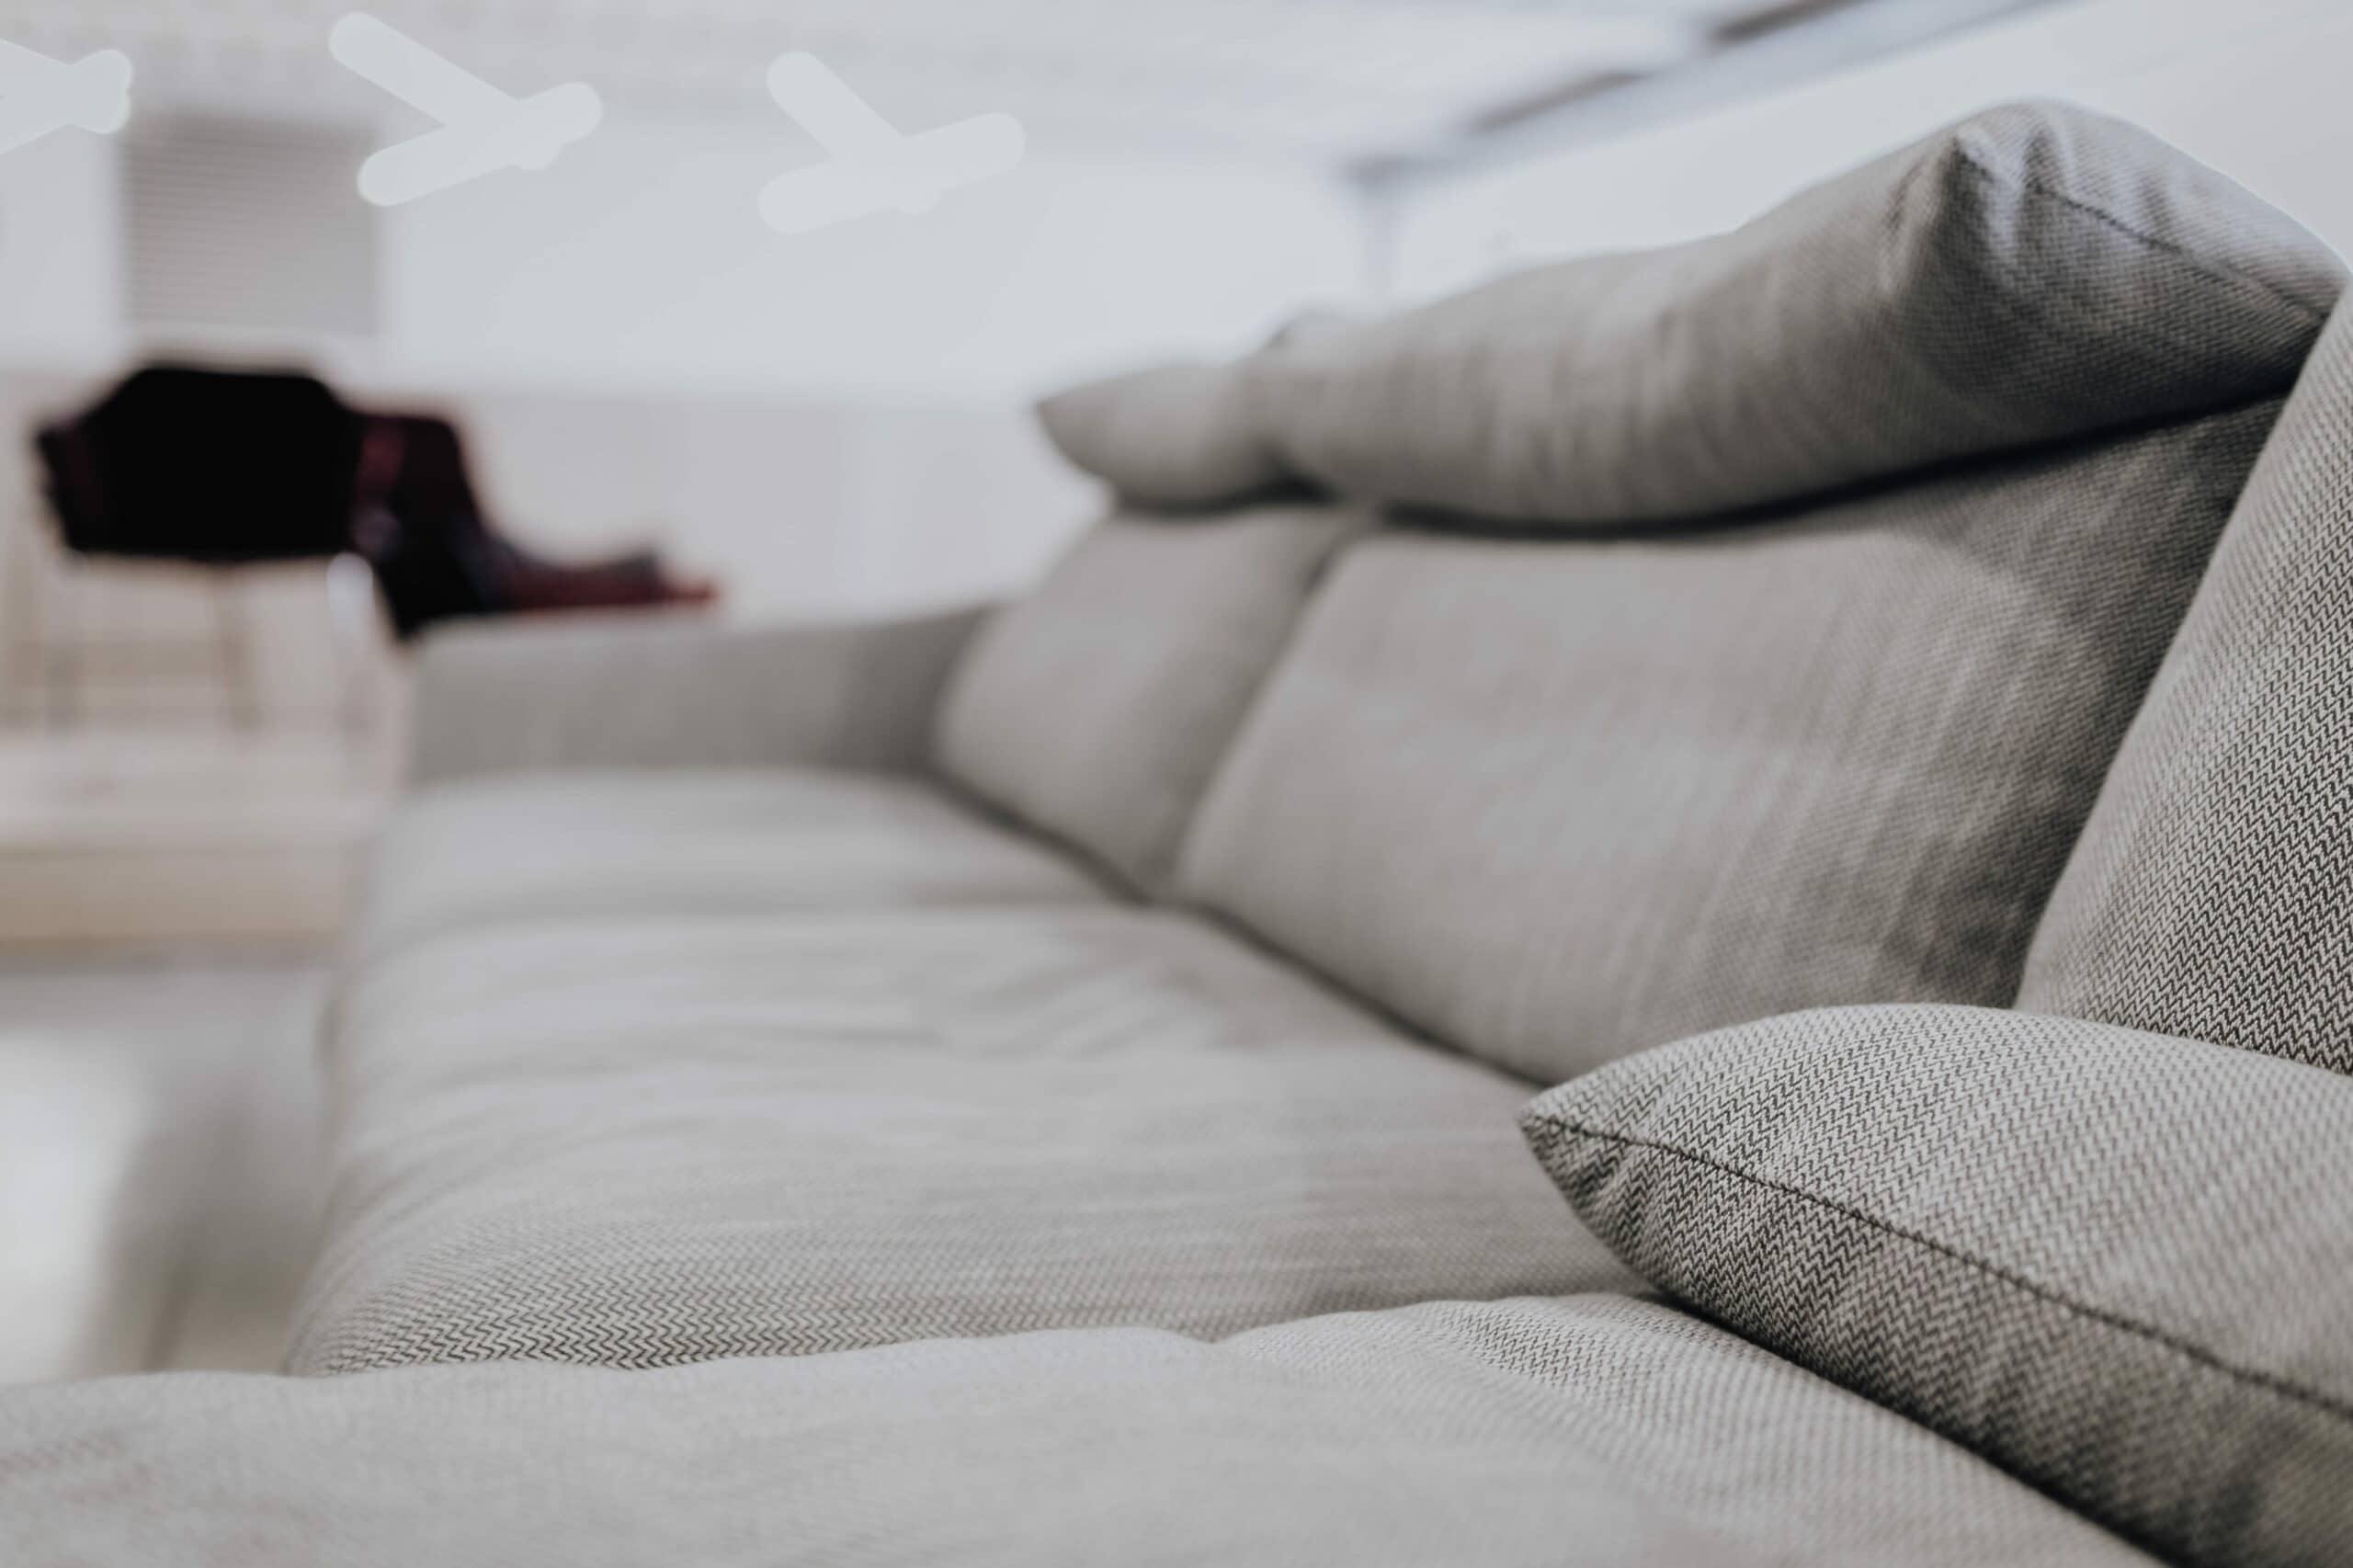 Sofá cinza, visto em proporção. Imagem do conteúdo sobre limpeza de sofá em Macaíba.